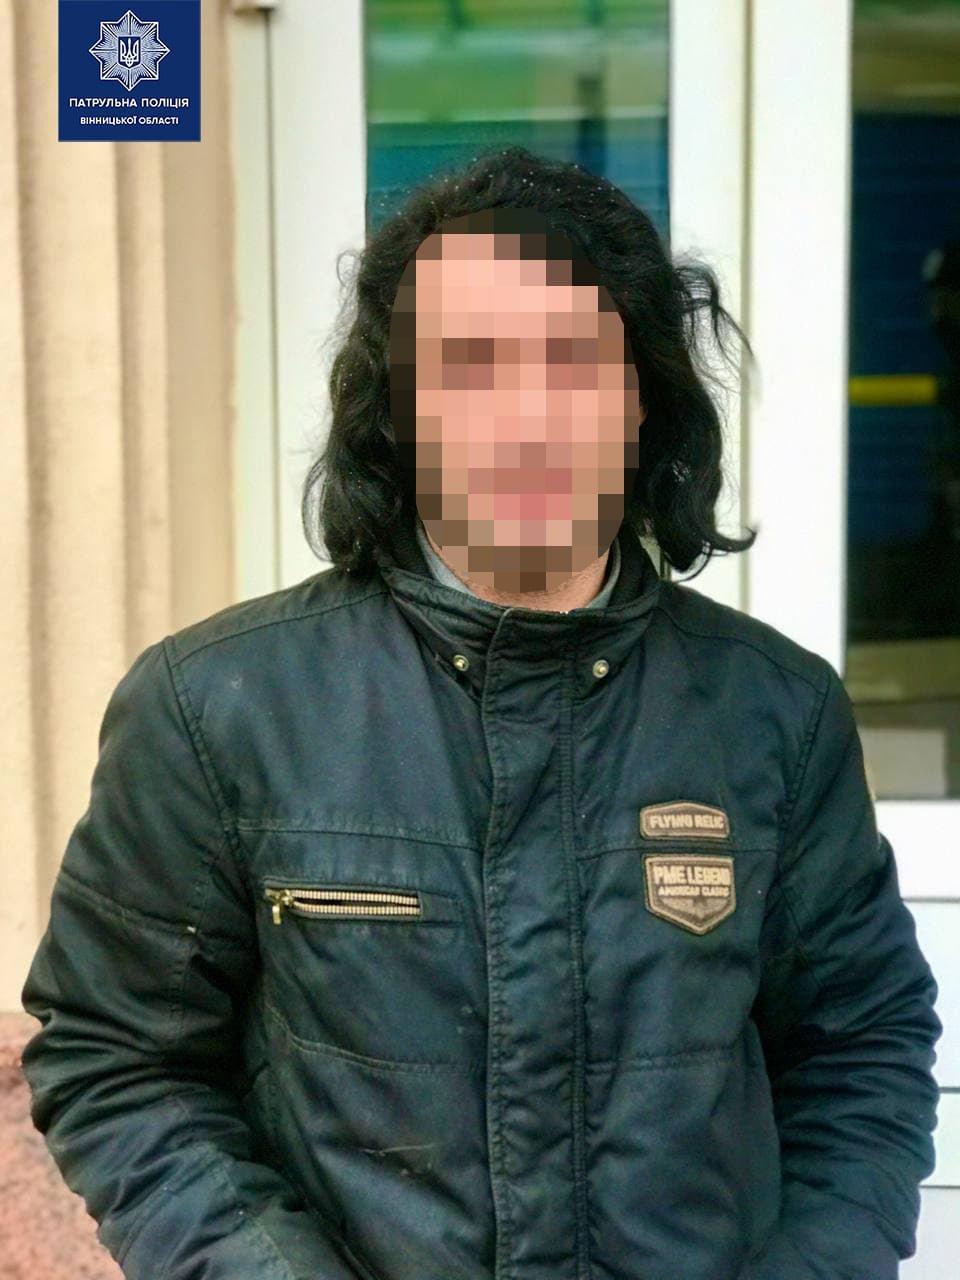 На родине Гройсмана задержали давно разыскиваемого преступника из Закарпатья